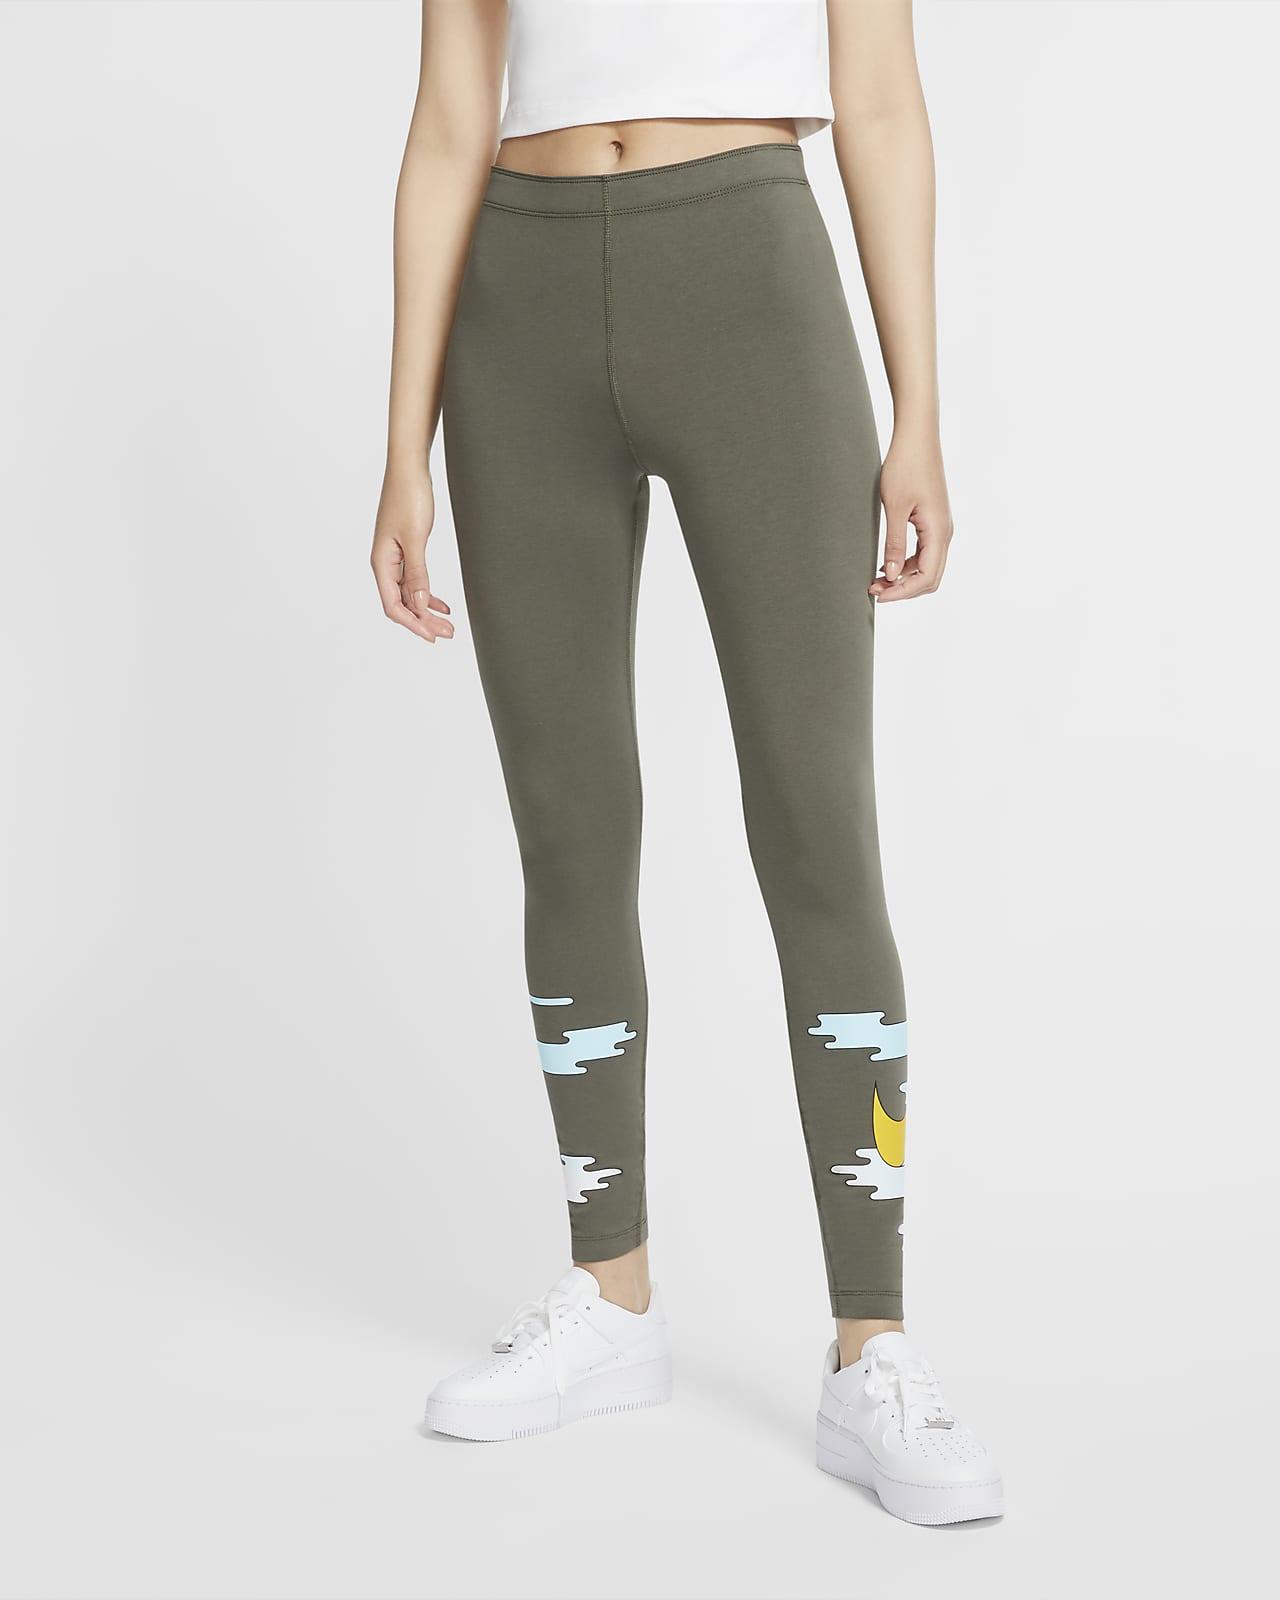 เลกกิ้งผู้หญิง Nike Sportswear